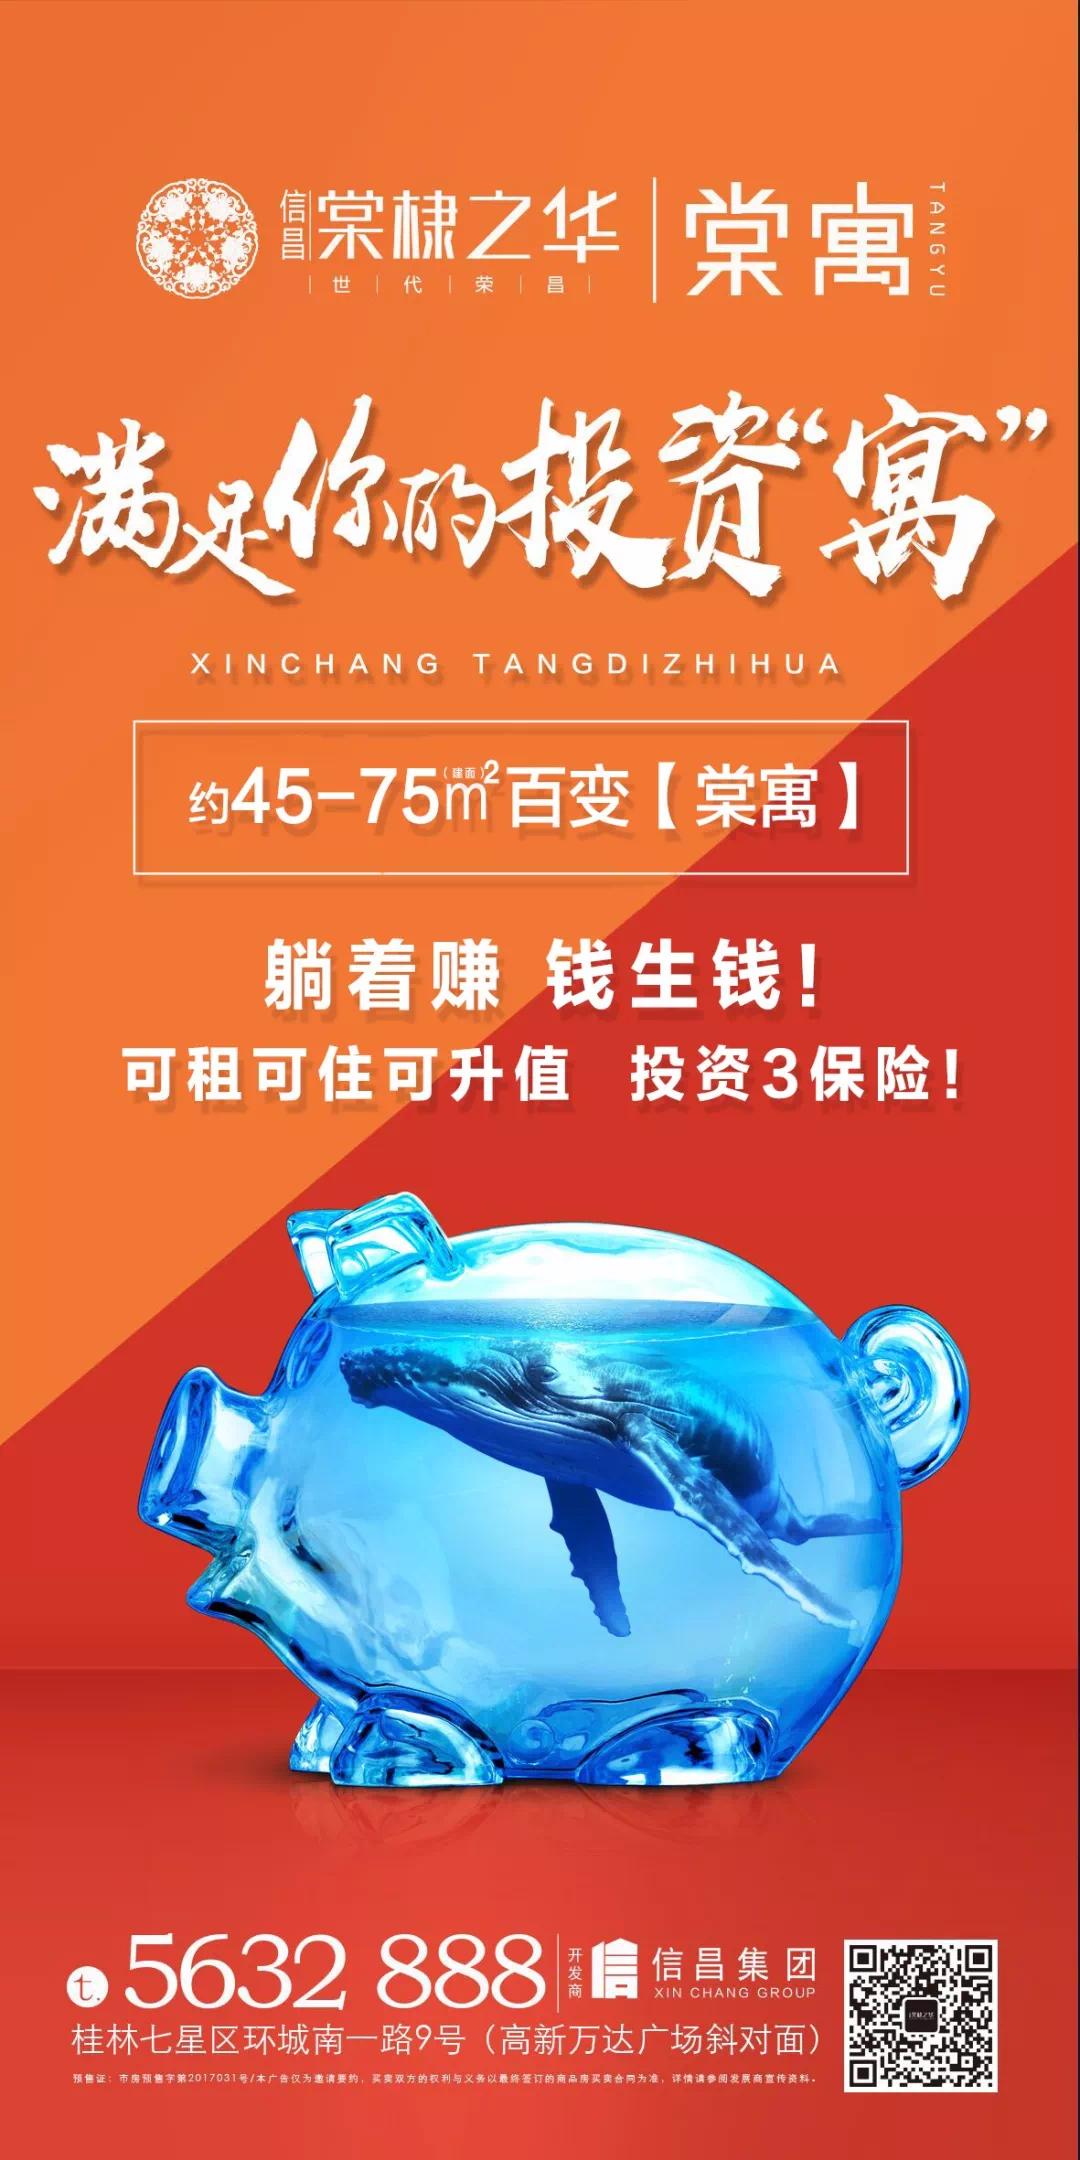 打造文旅新名片|大碧头国际旅游度假区项目奠基仪式盛大举行